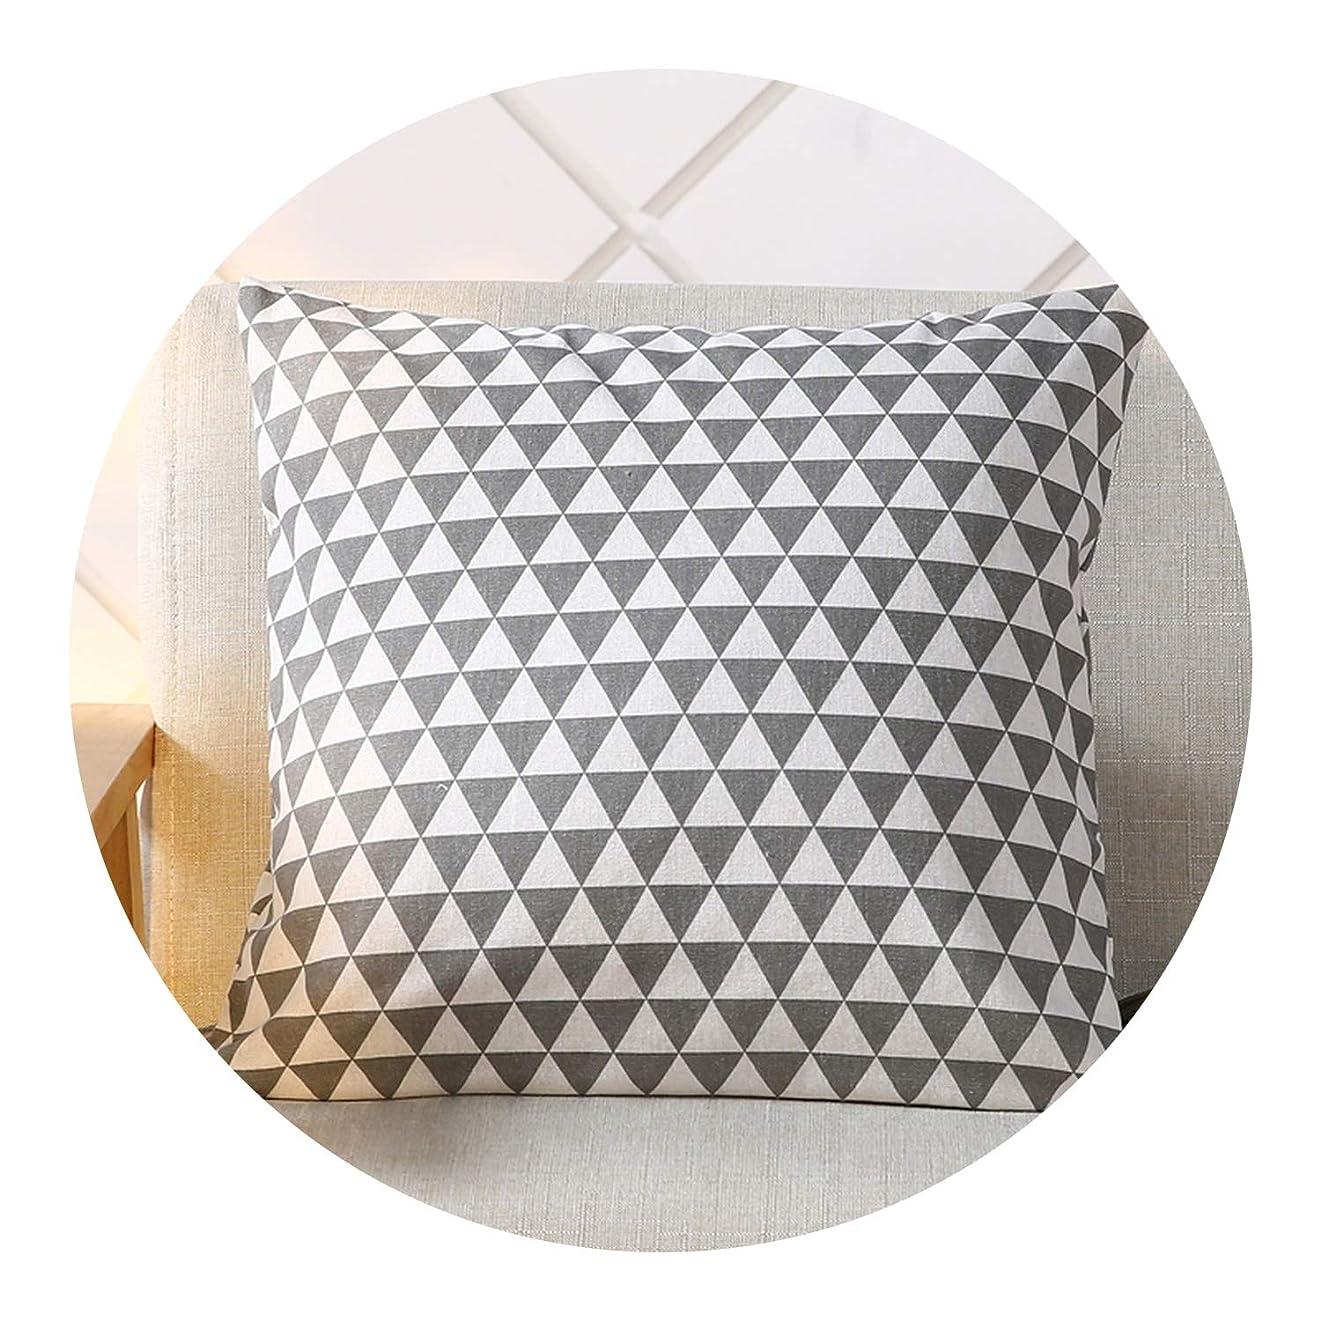 ご注意手数料トレイ心地いい抱き枕腰枕車枕かわいい北欧風枕オフィスバックシンプル新ラチスクッション生地出窓付き枕,45×45cm,灰三角